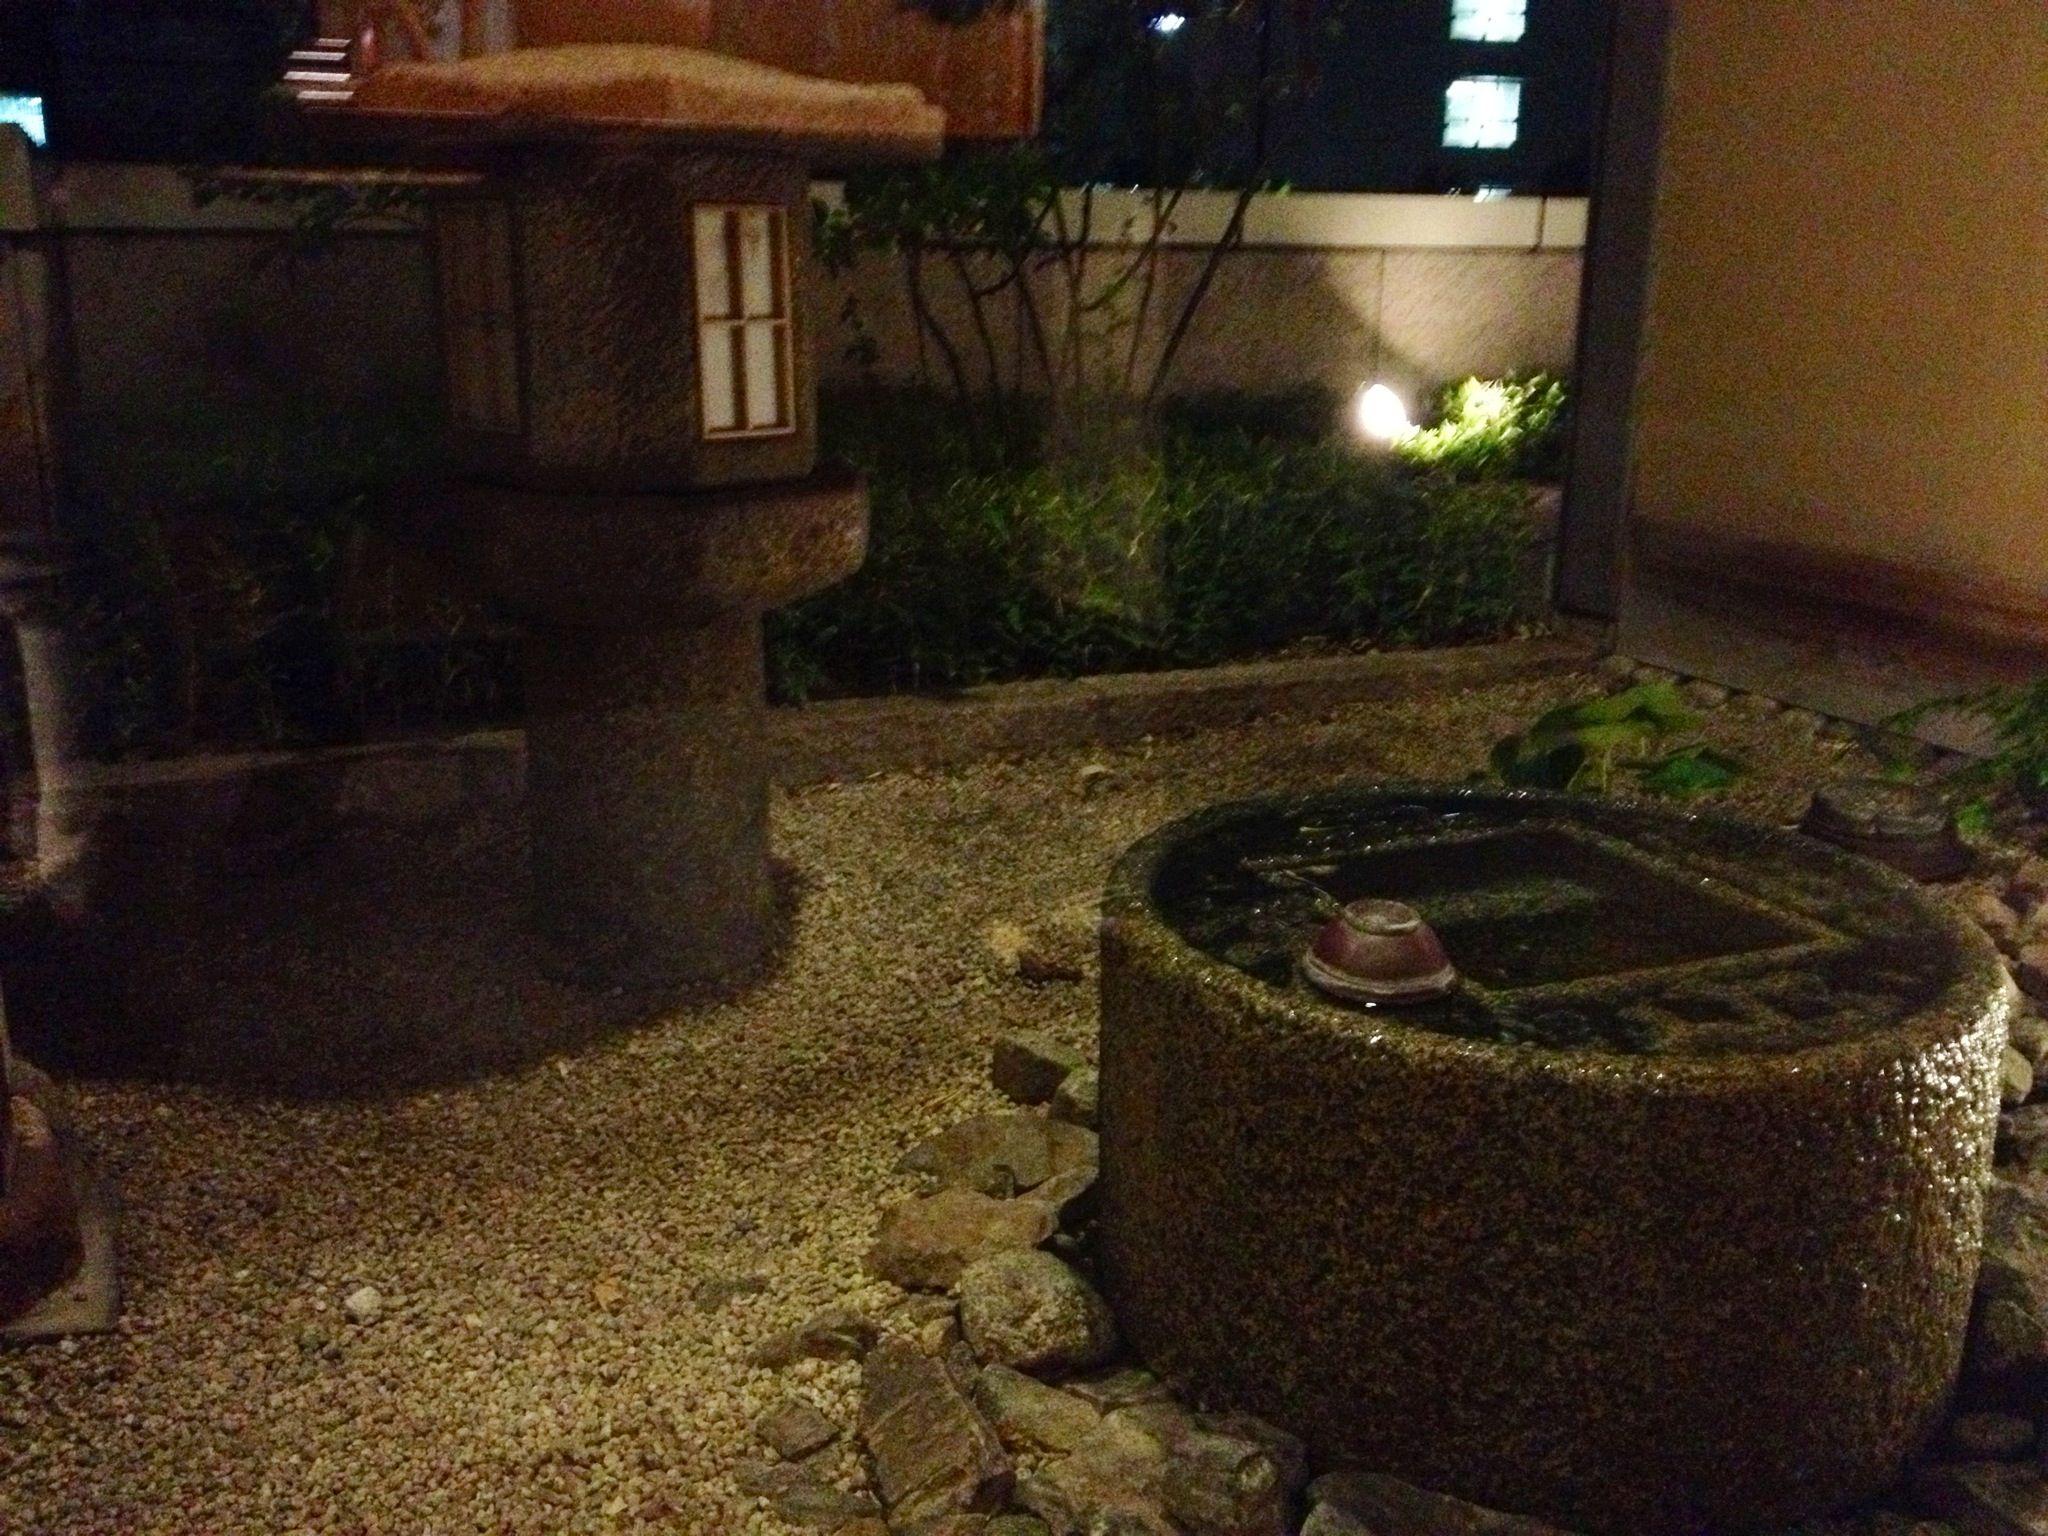 Indoor zen garden z scene pinterest for Indoor zen garden designs